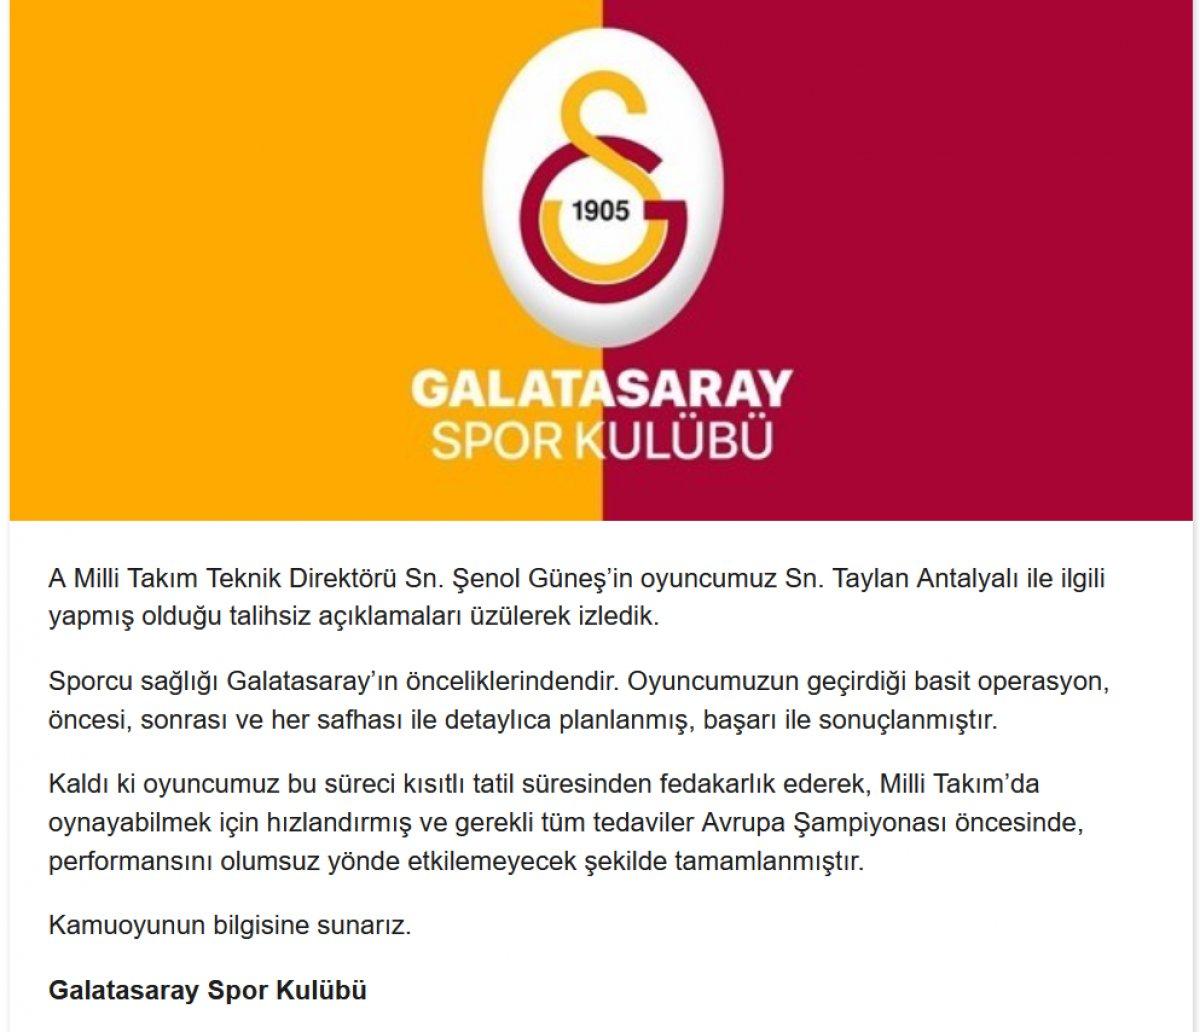 Galatasaray dan Şenol Güneş e Taylan cevabı #2